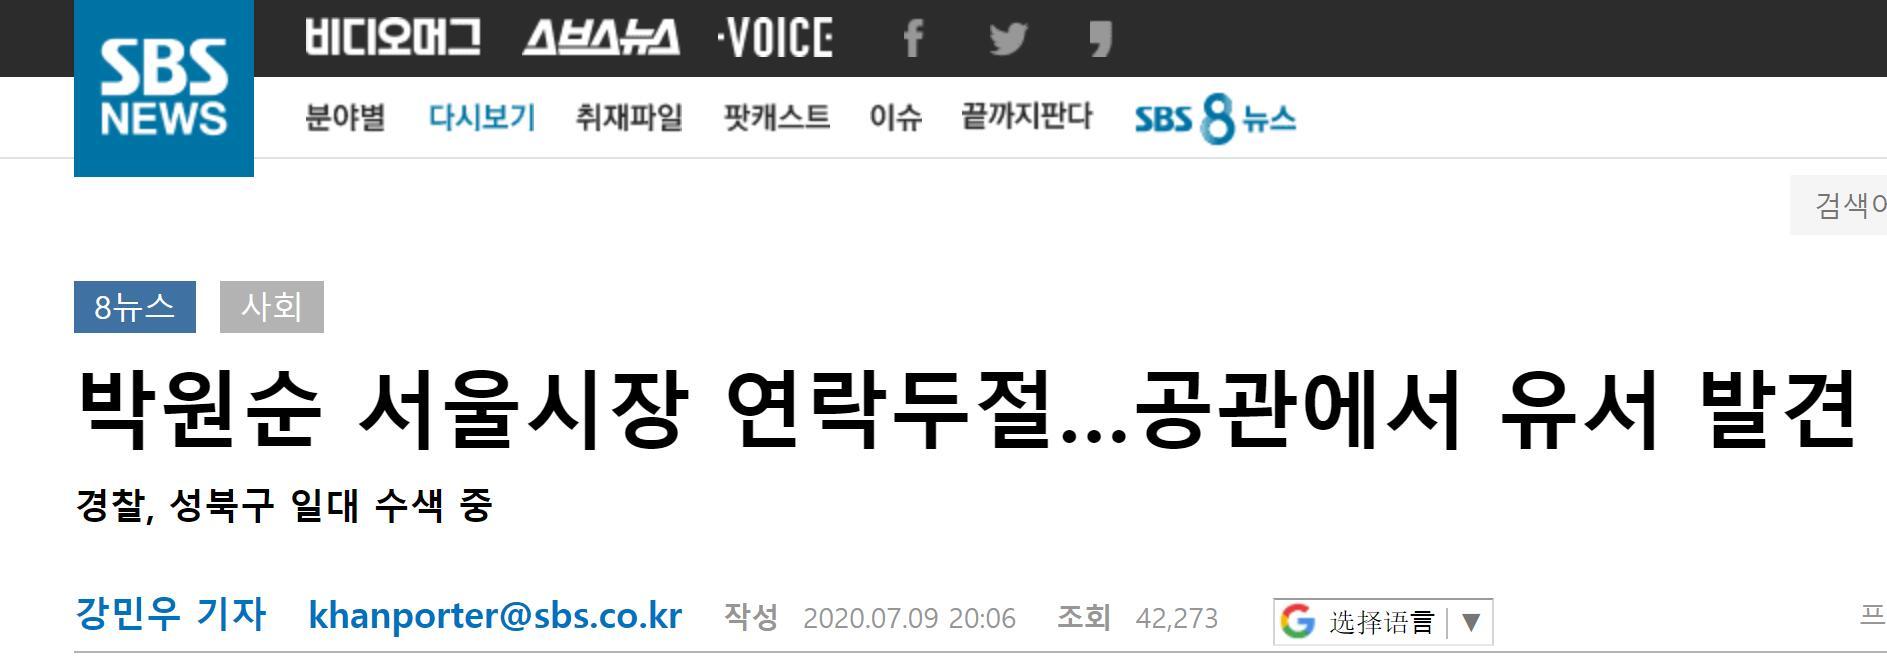 【微信公众账号申请】_首尔市长失联 韩媒:遗书在其官邸被发现